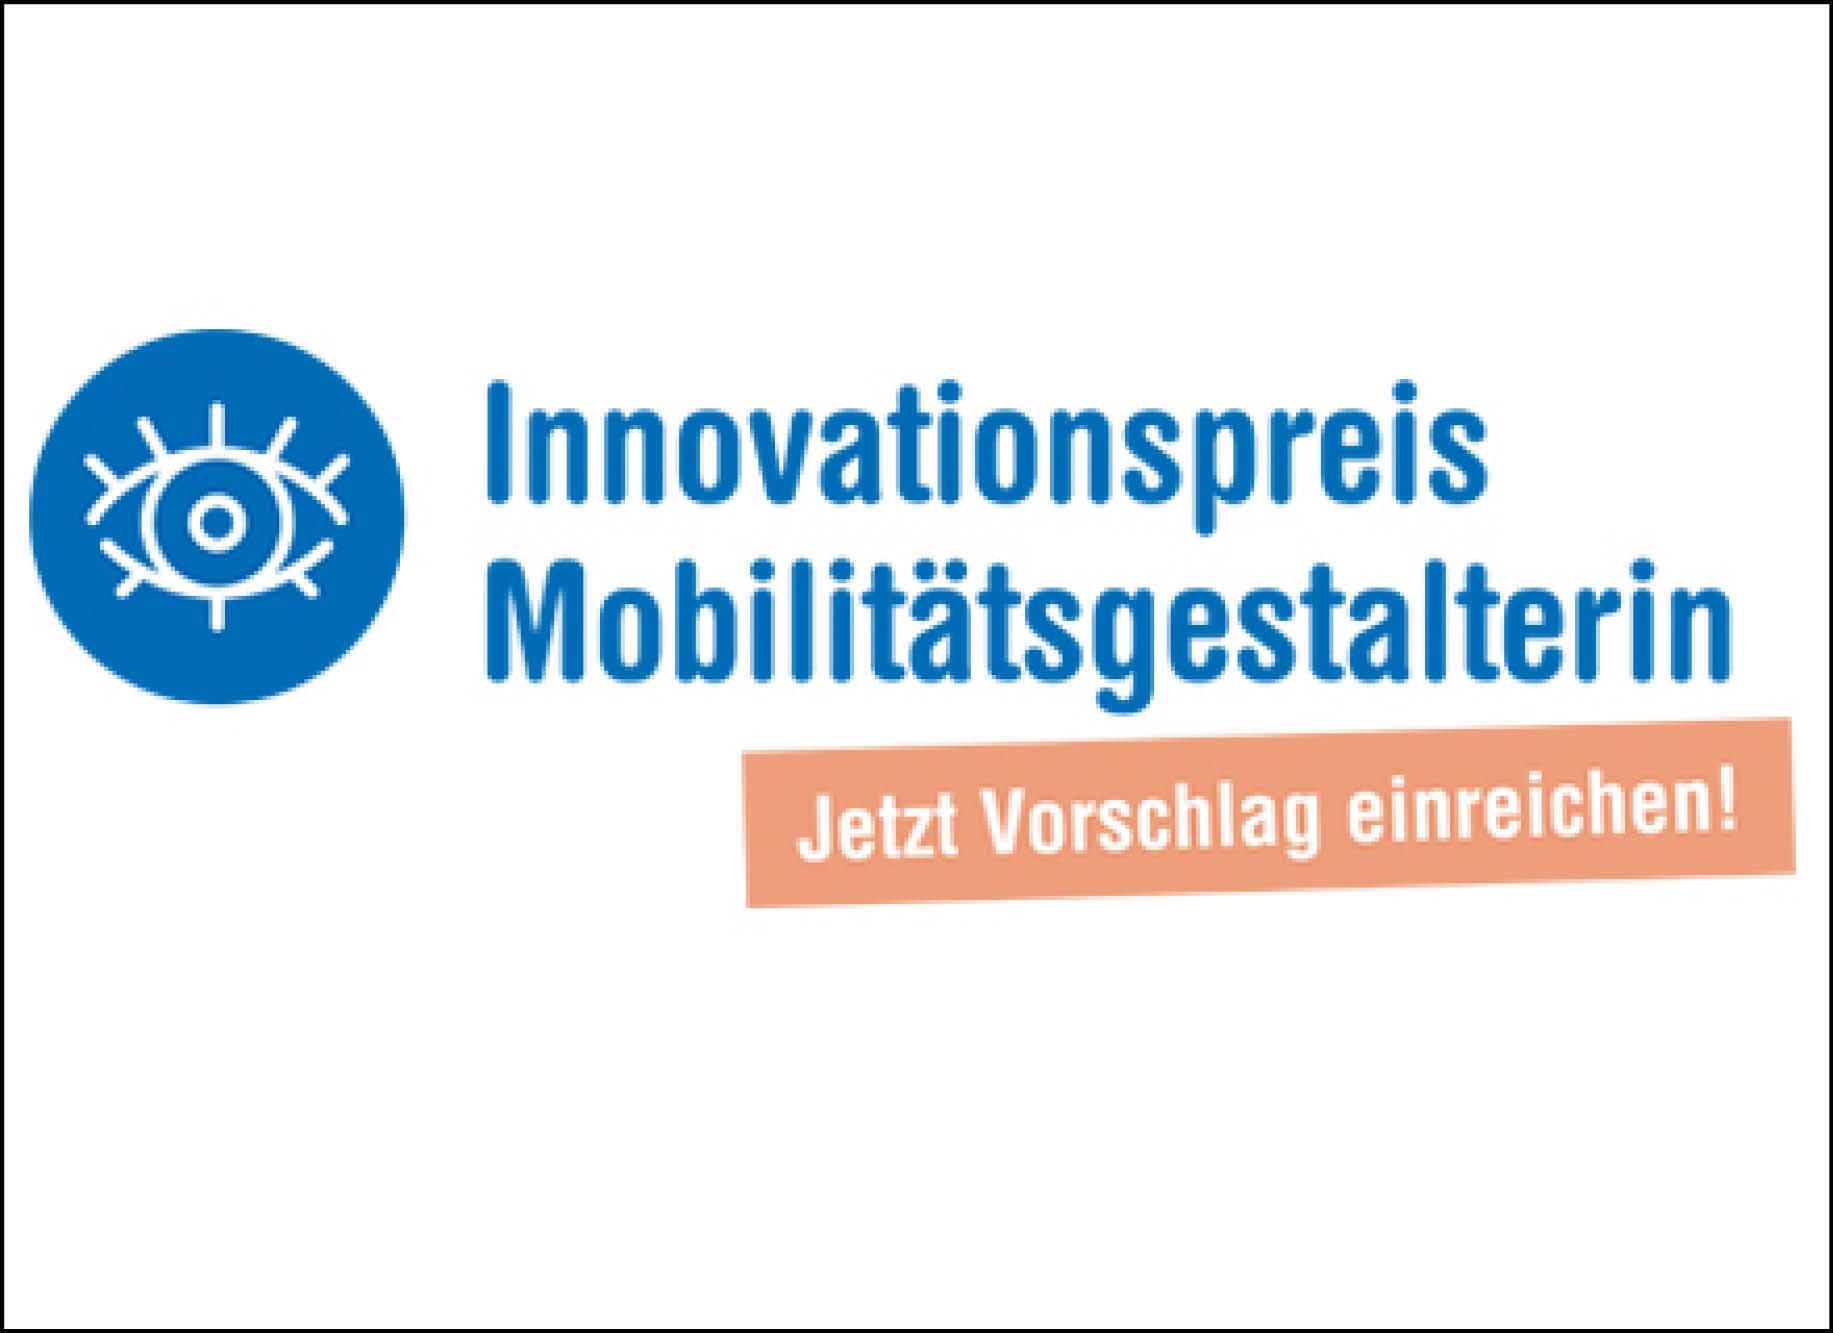 logo_innovationspreis_mobilitätsgestalterin